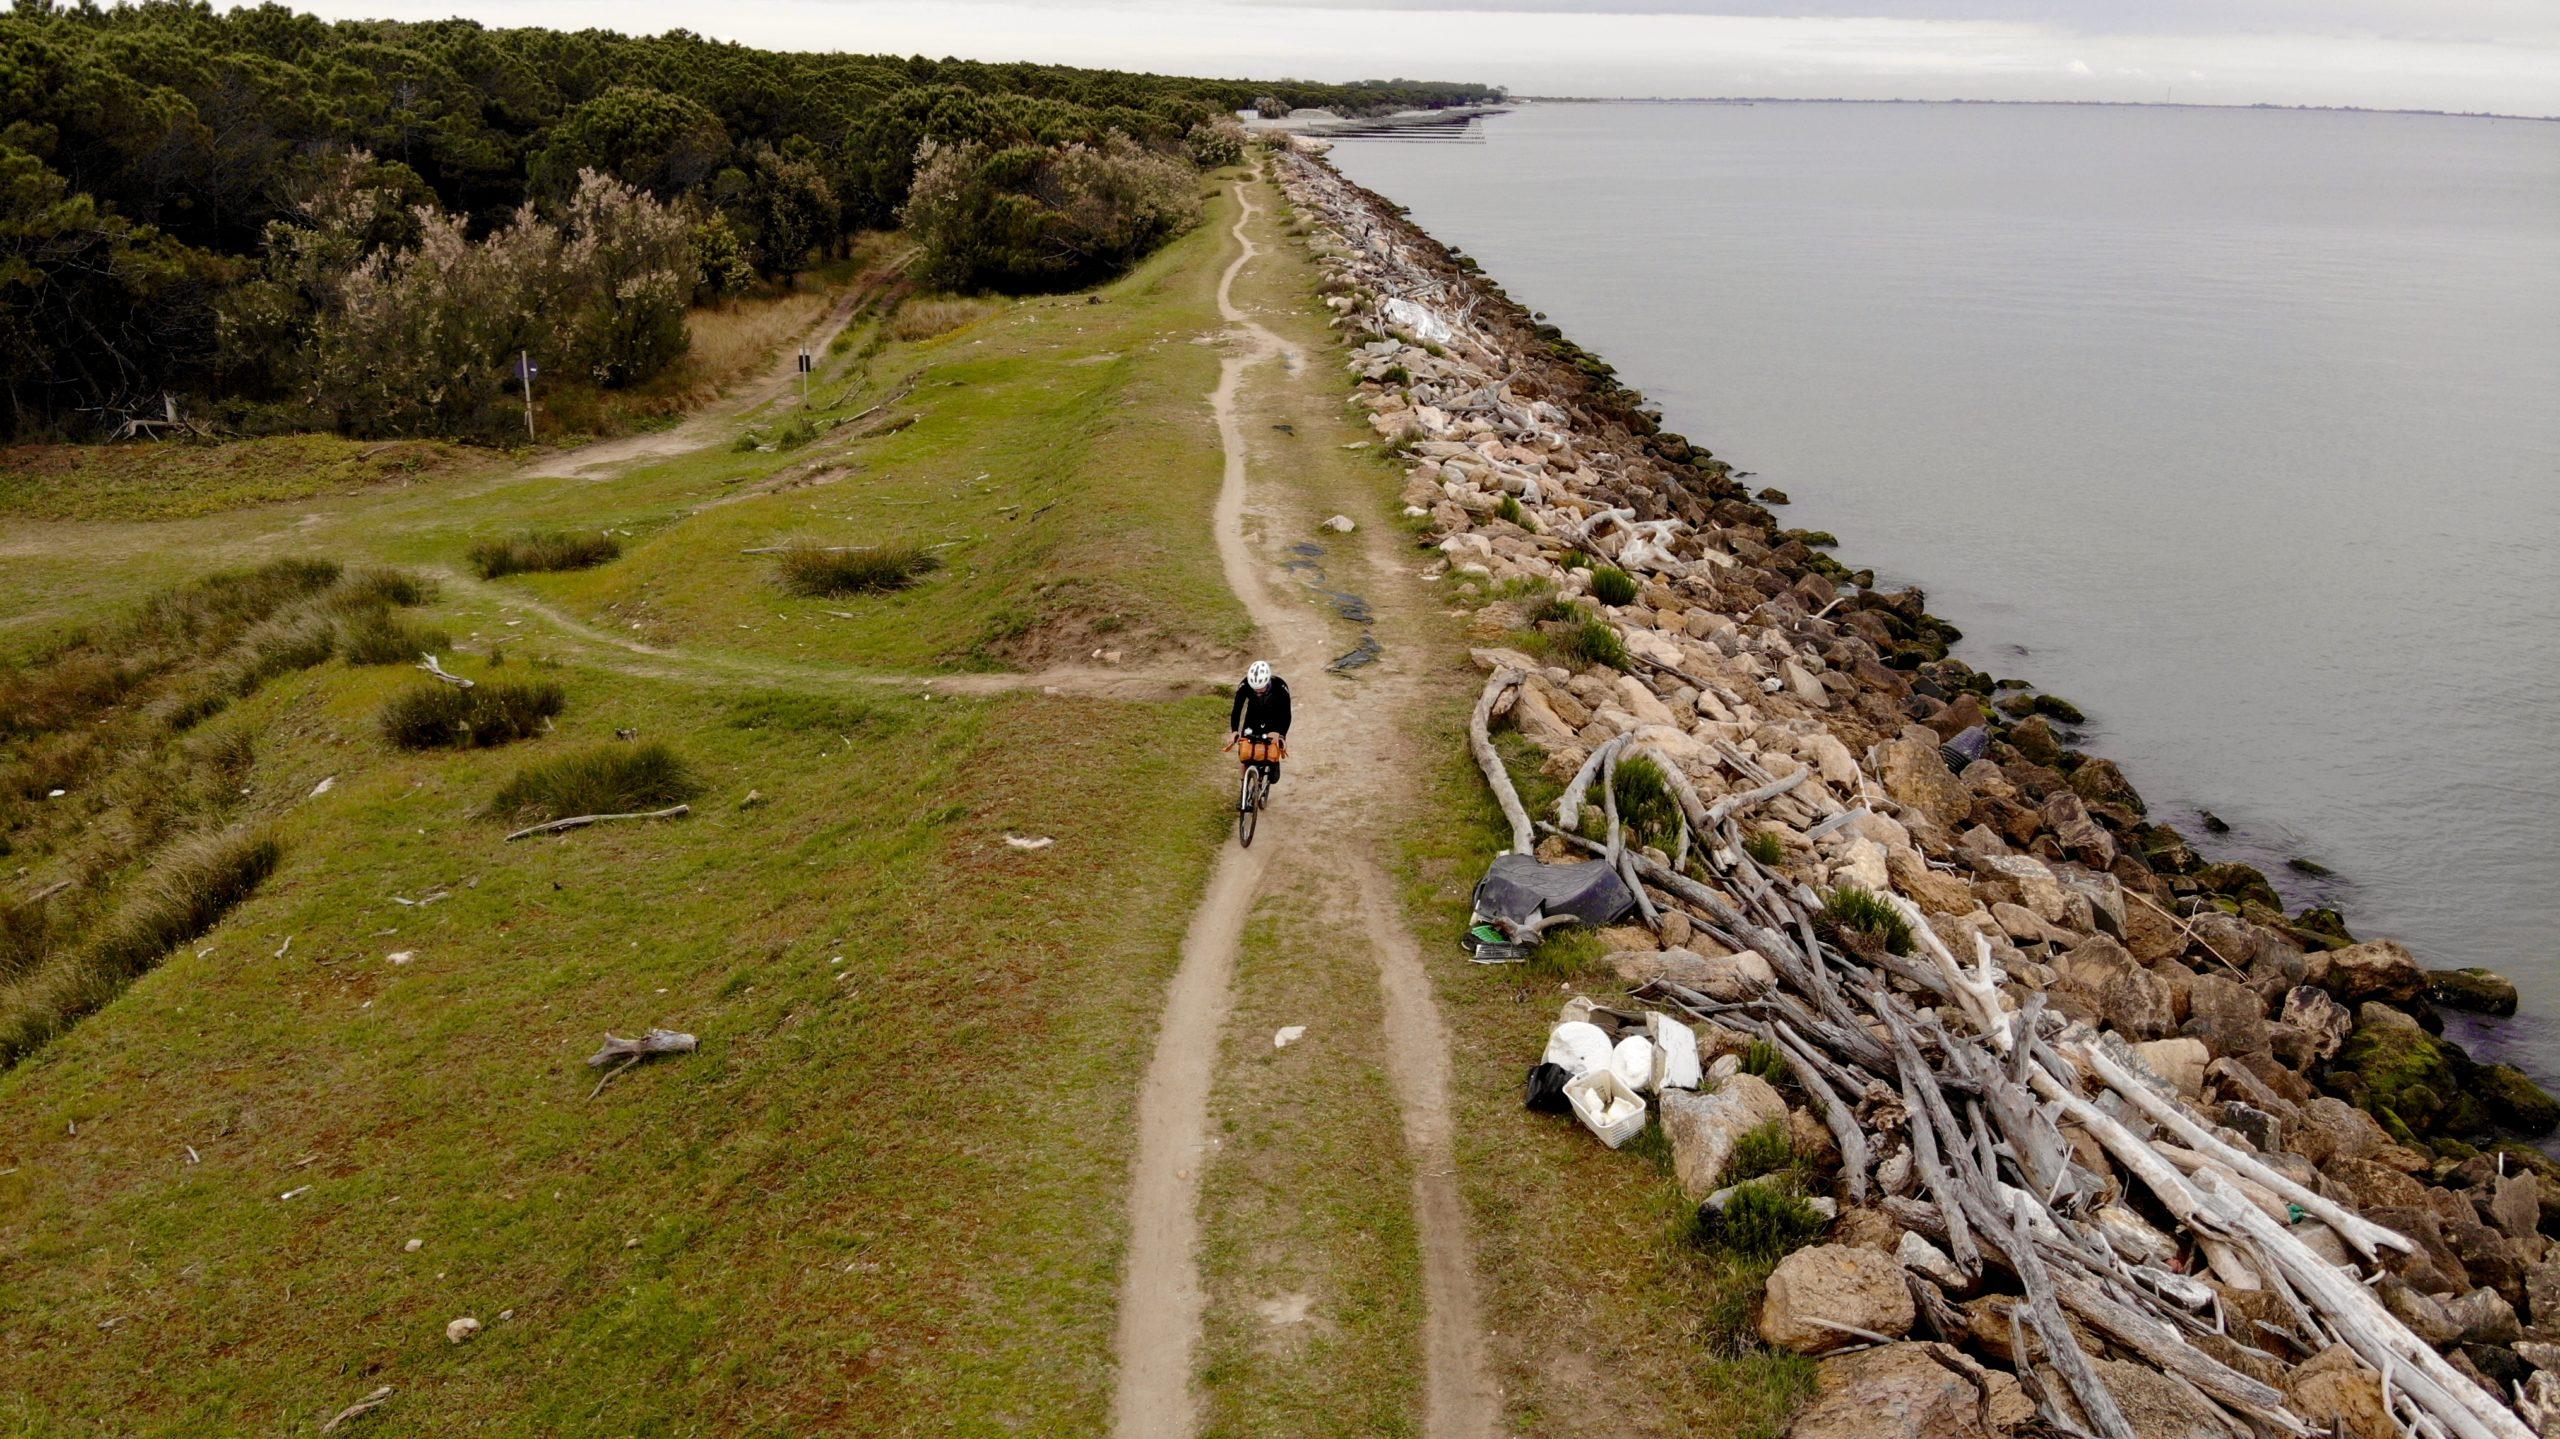 Ciclovia del Po, parco del delta del po in bici, vacanze in veneto, ponti di barche sul po, la lunga via dei fiumi, viaggiatore lento, viaggiare in bici, verona in bicicletta, ciclabile dell'adige, ciclovia del sole, eurovelo 7, ciclovia del Po, vacanze sul po in bici, , viaggiare in bicicletta, vacanze in bicicletta, Lido di Volano, bikepacking, il veneto,